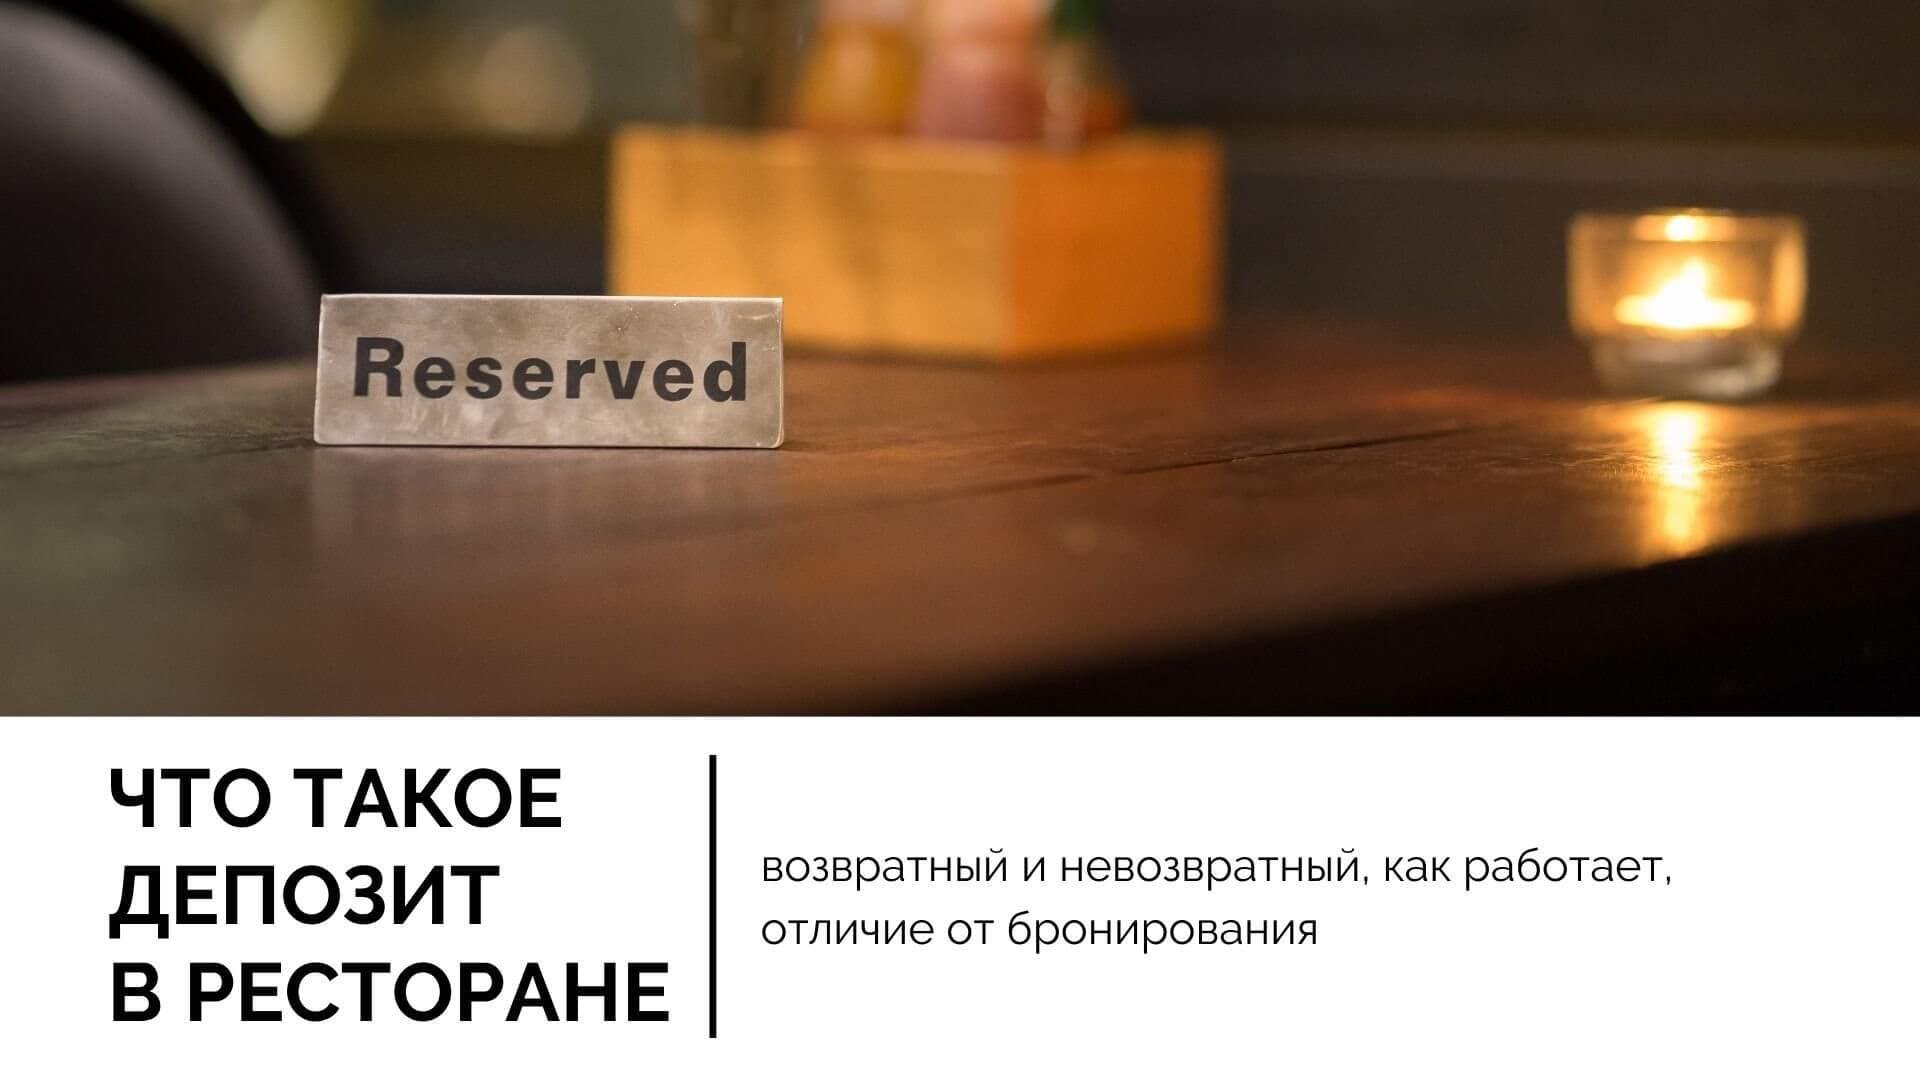 Что такое депозит в ресторане: возвратный и невозвратный, как работает, отличие от бронирования